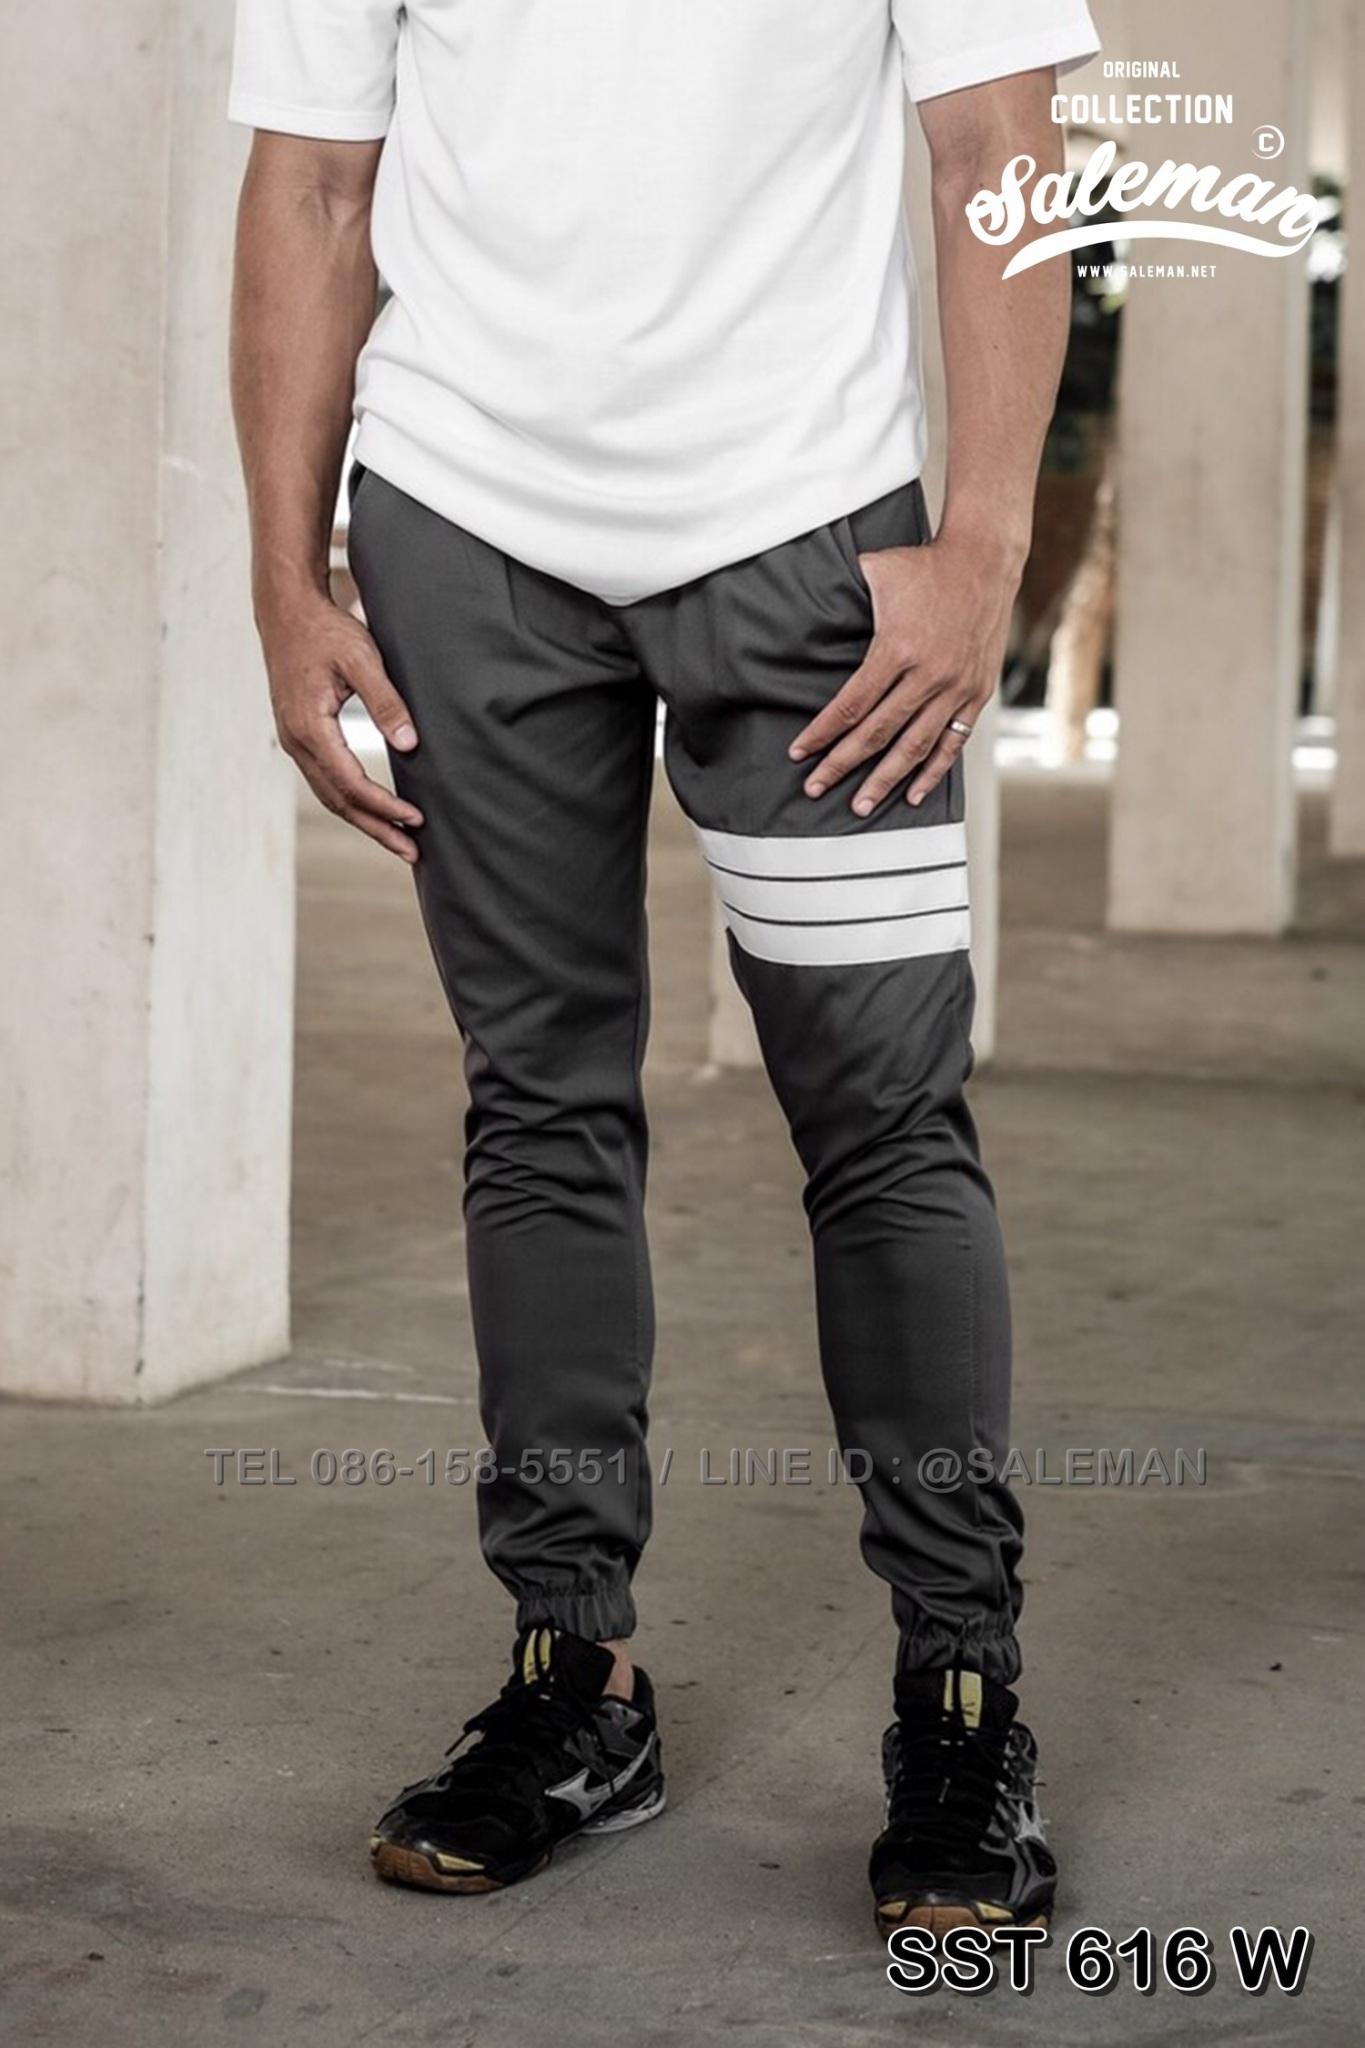 กางเกง JOGGER พรีเมี่ยม ผ้า COTTON รหัส SST 616 W สีเทา แถบขาว SUMMER SALE